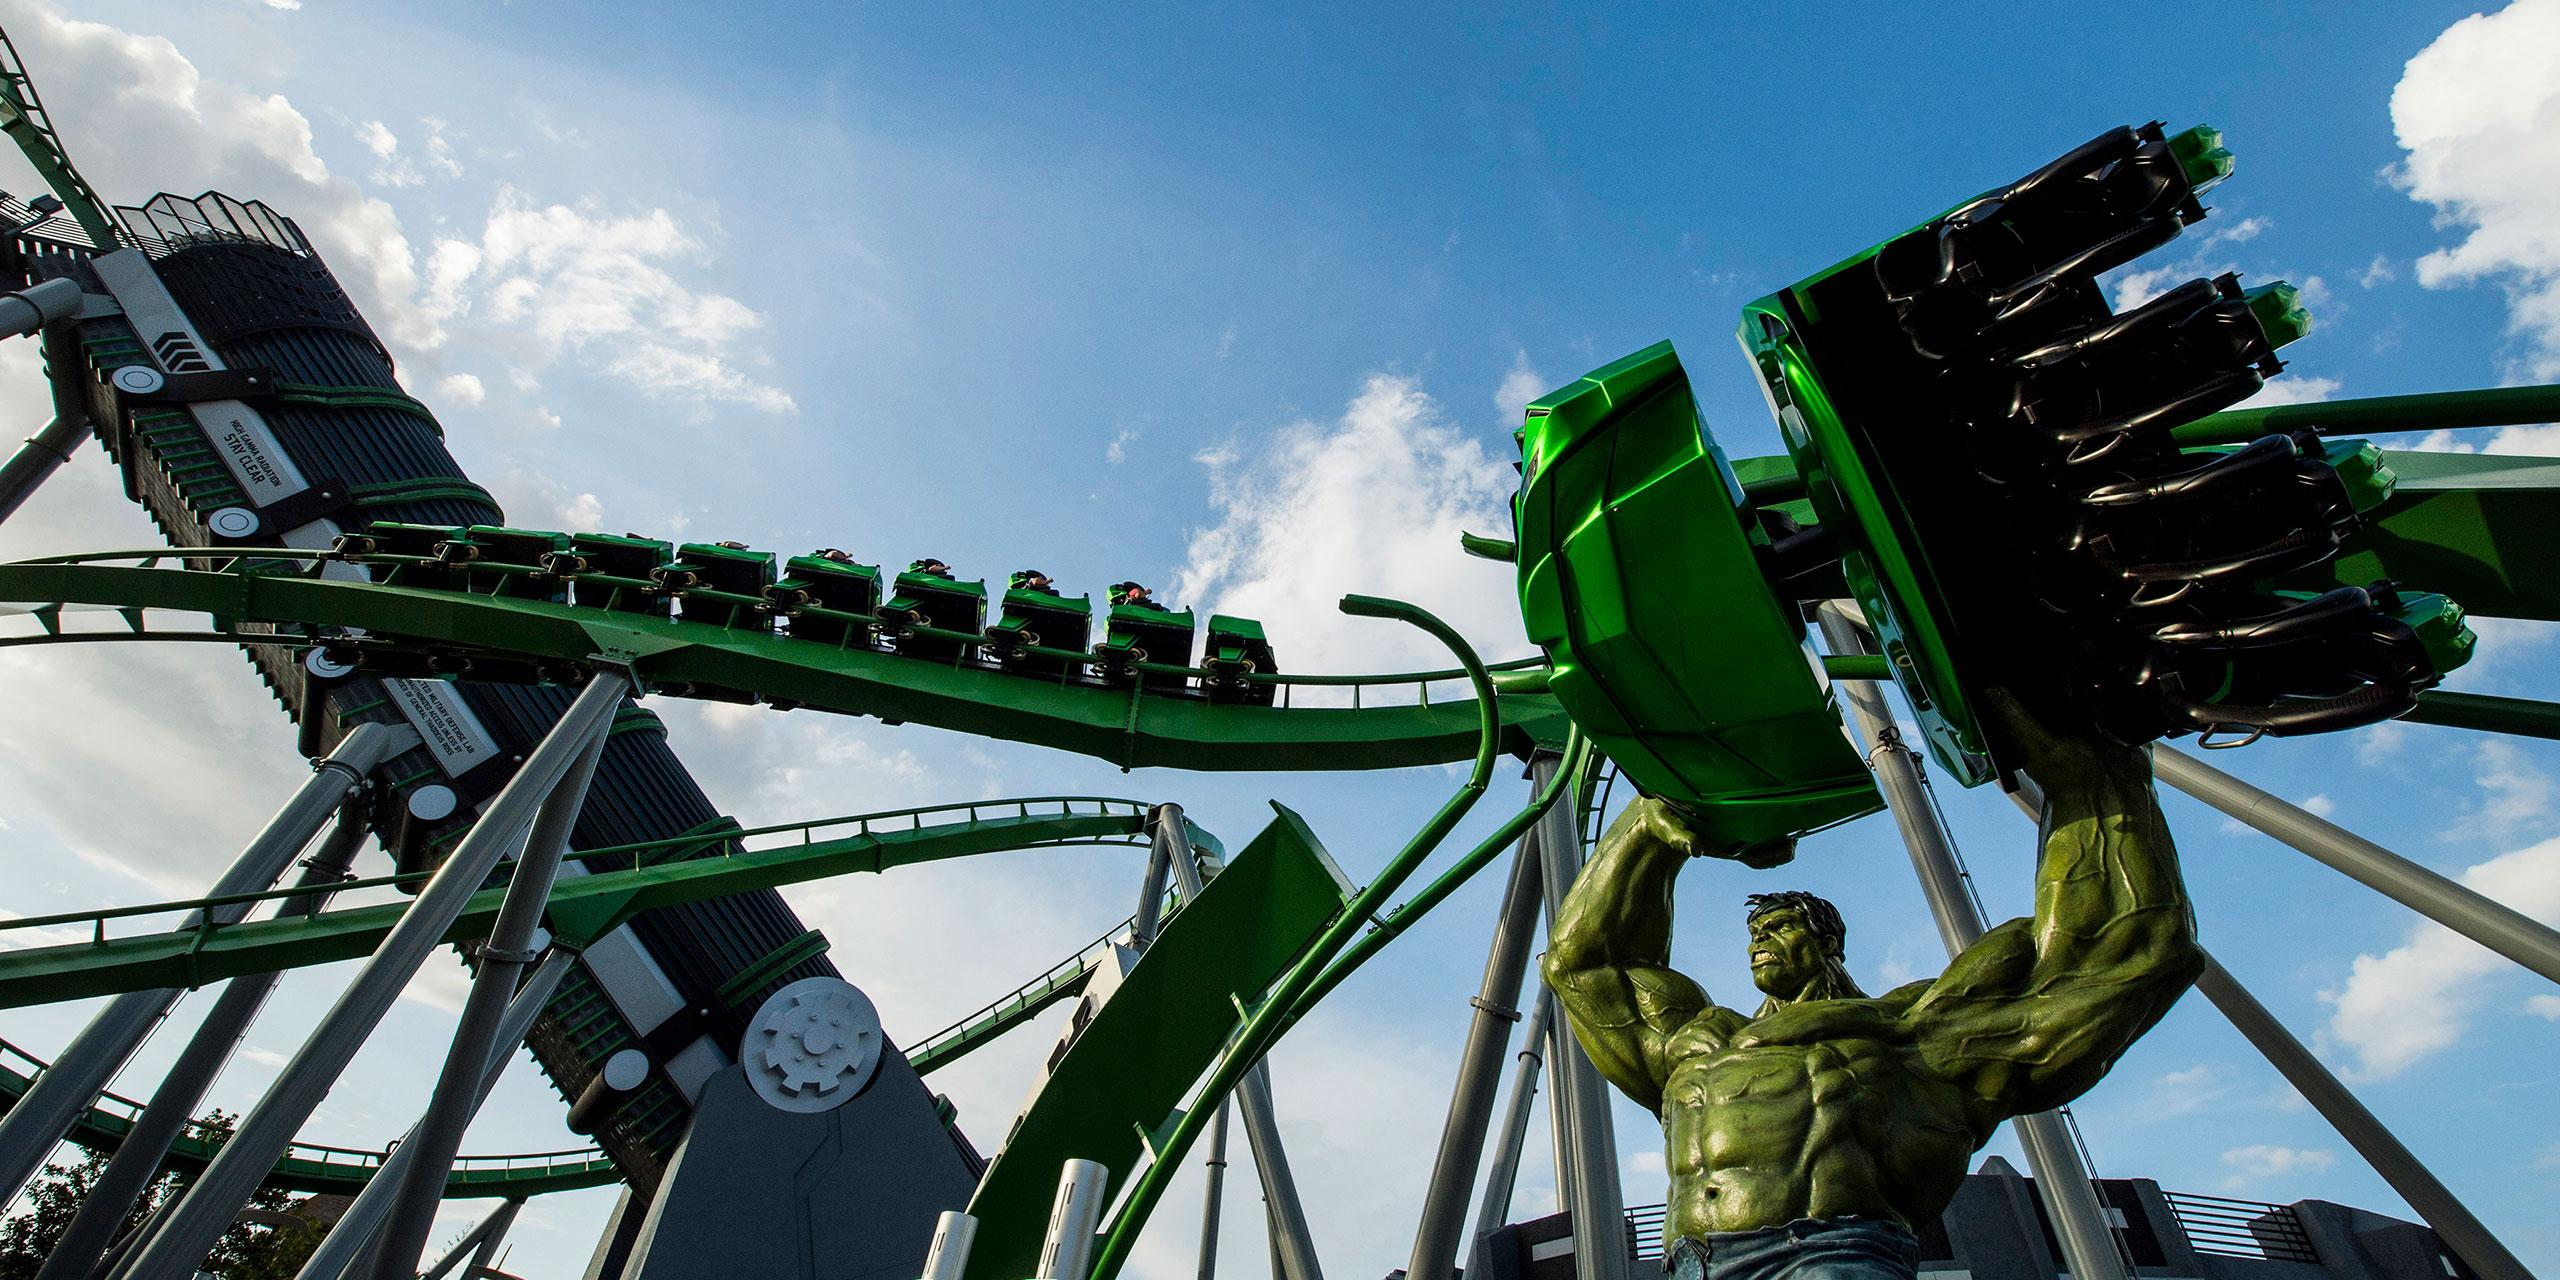 The Incredible Hulk Coaster at Universal Orlando Resort; Courtesy of Universal Orlando Resort